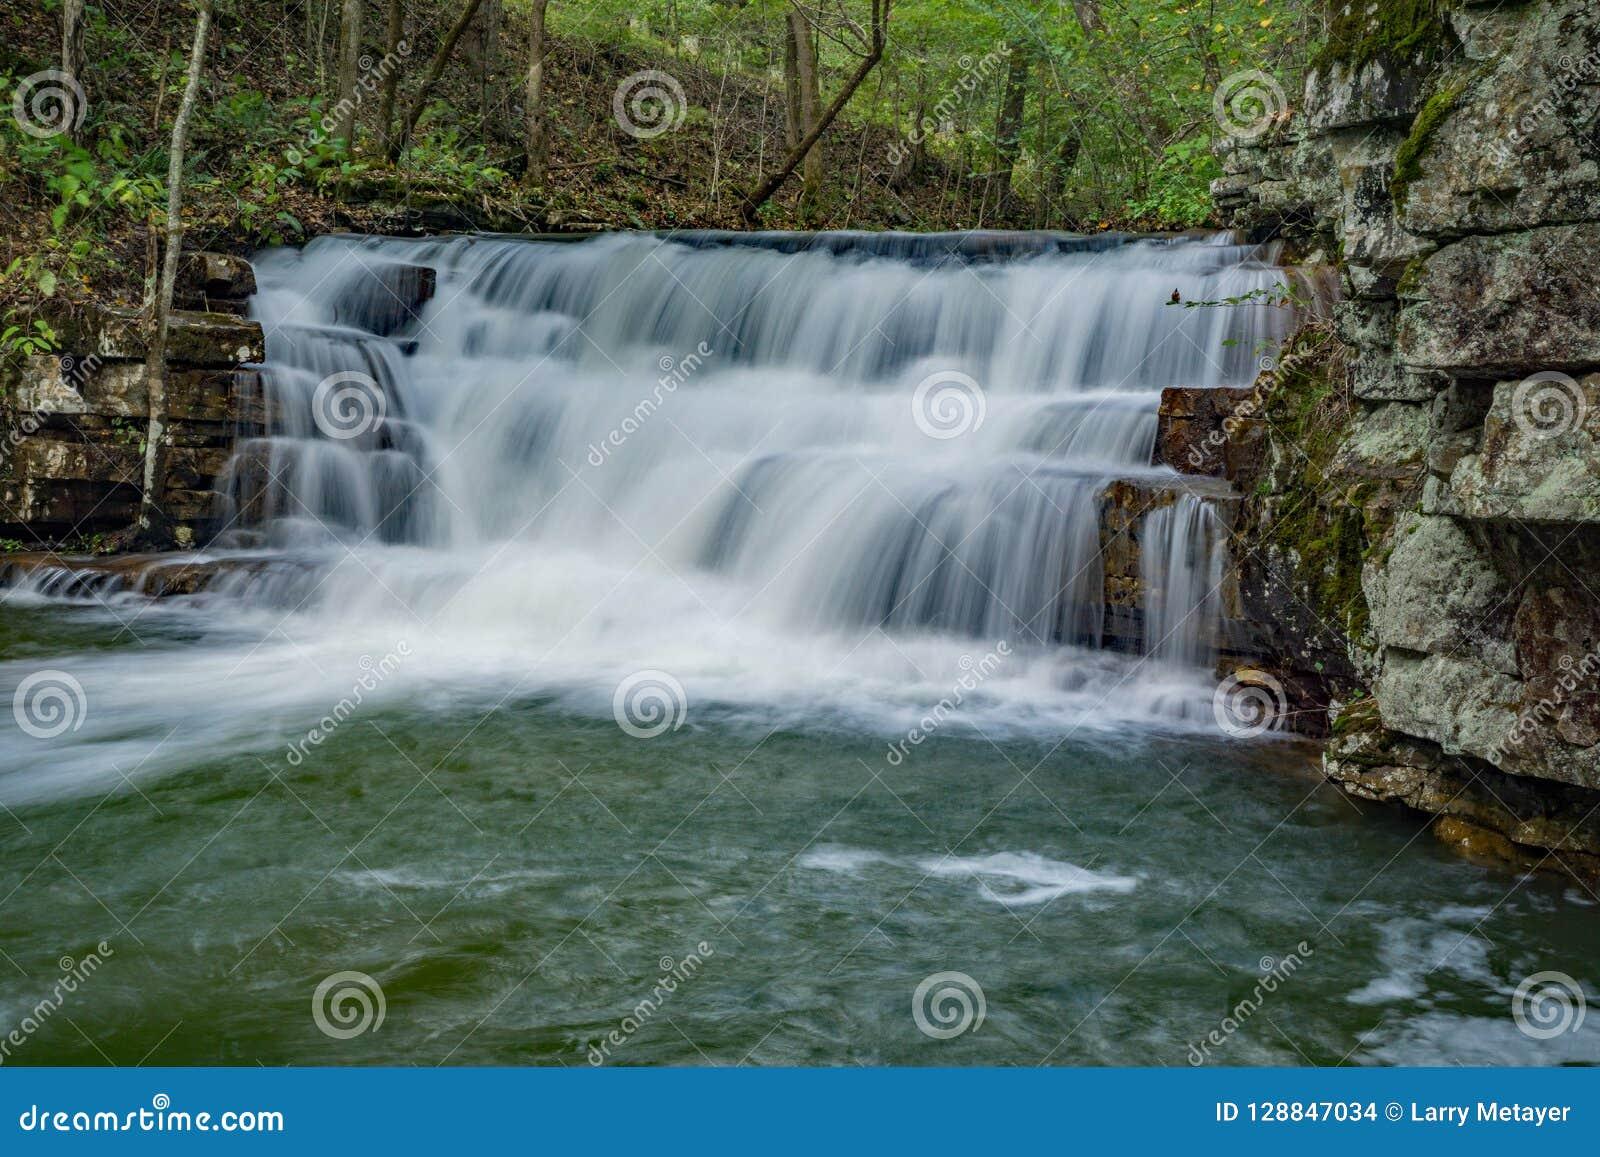 Hautes eaux à la cascade de mines de Fenwick - 2